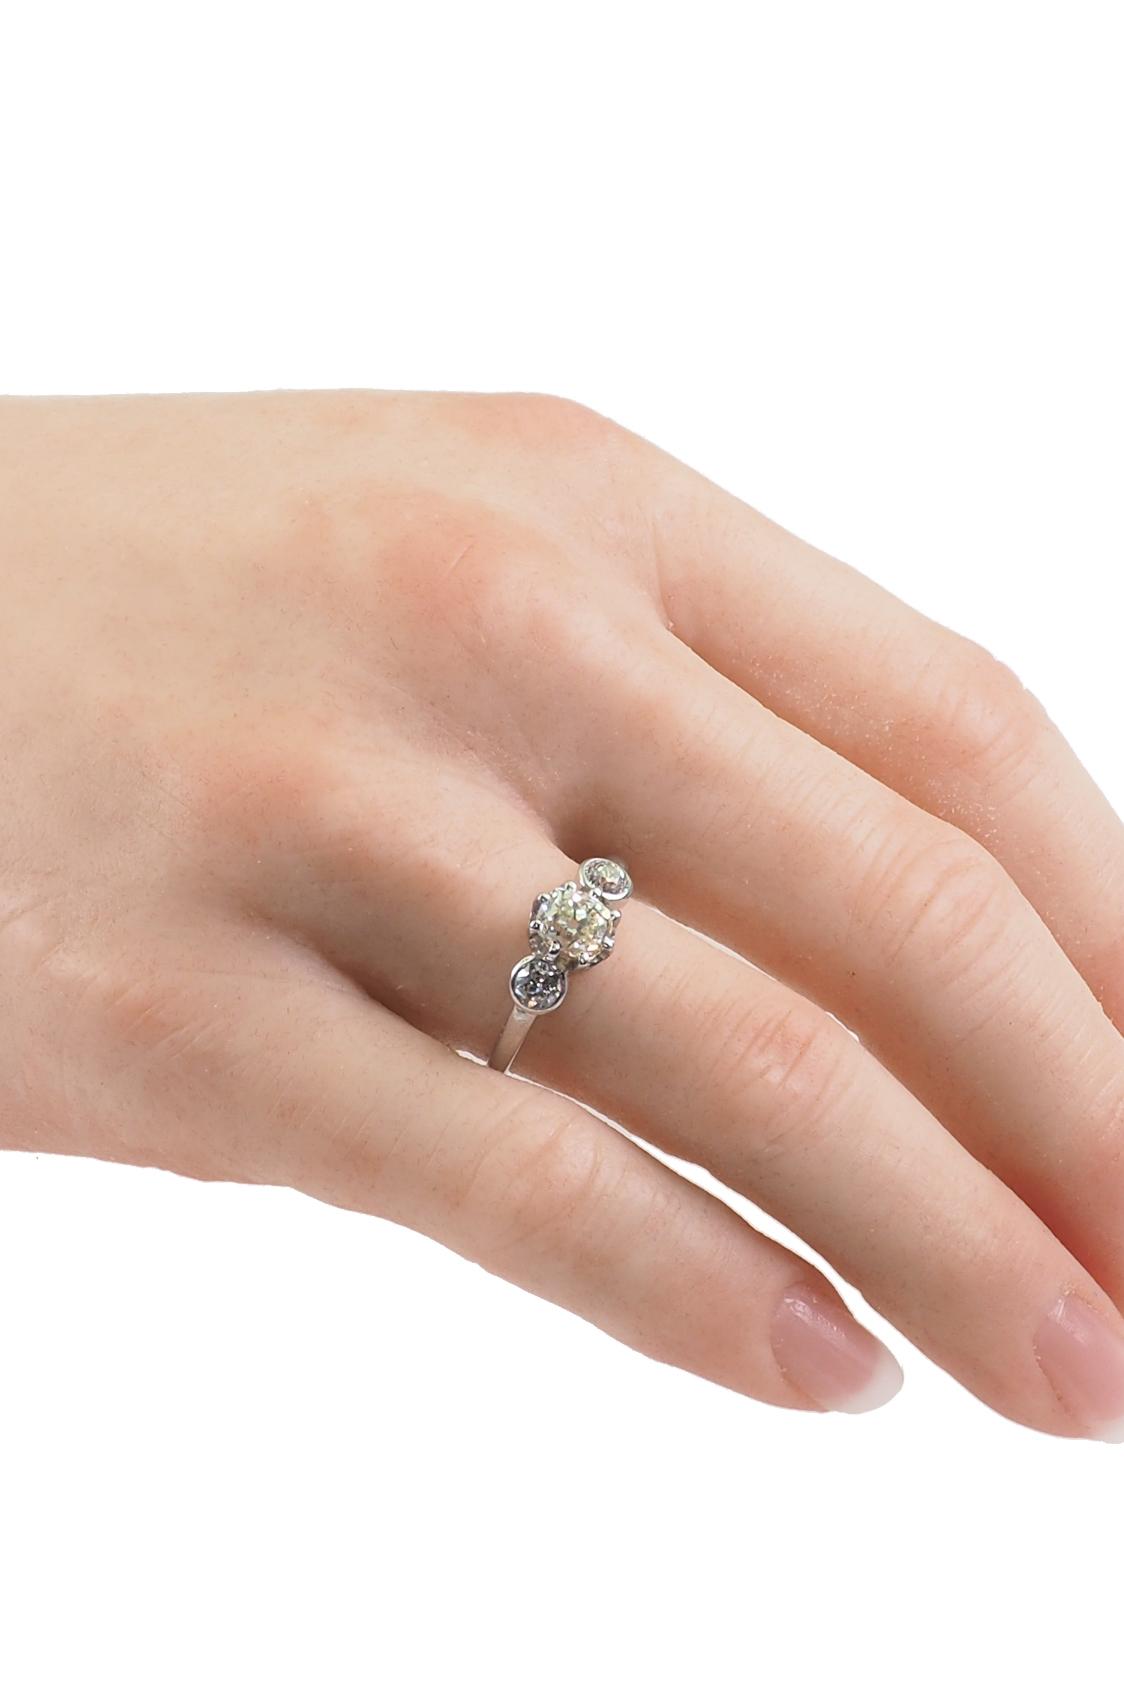 antike-Verlobungsringe-kaufen-3369h